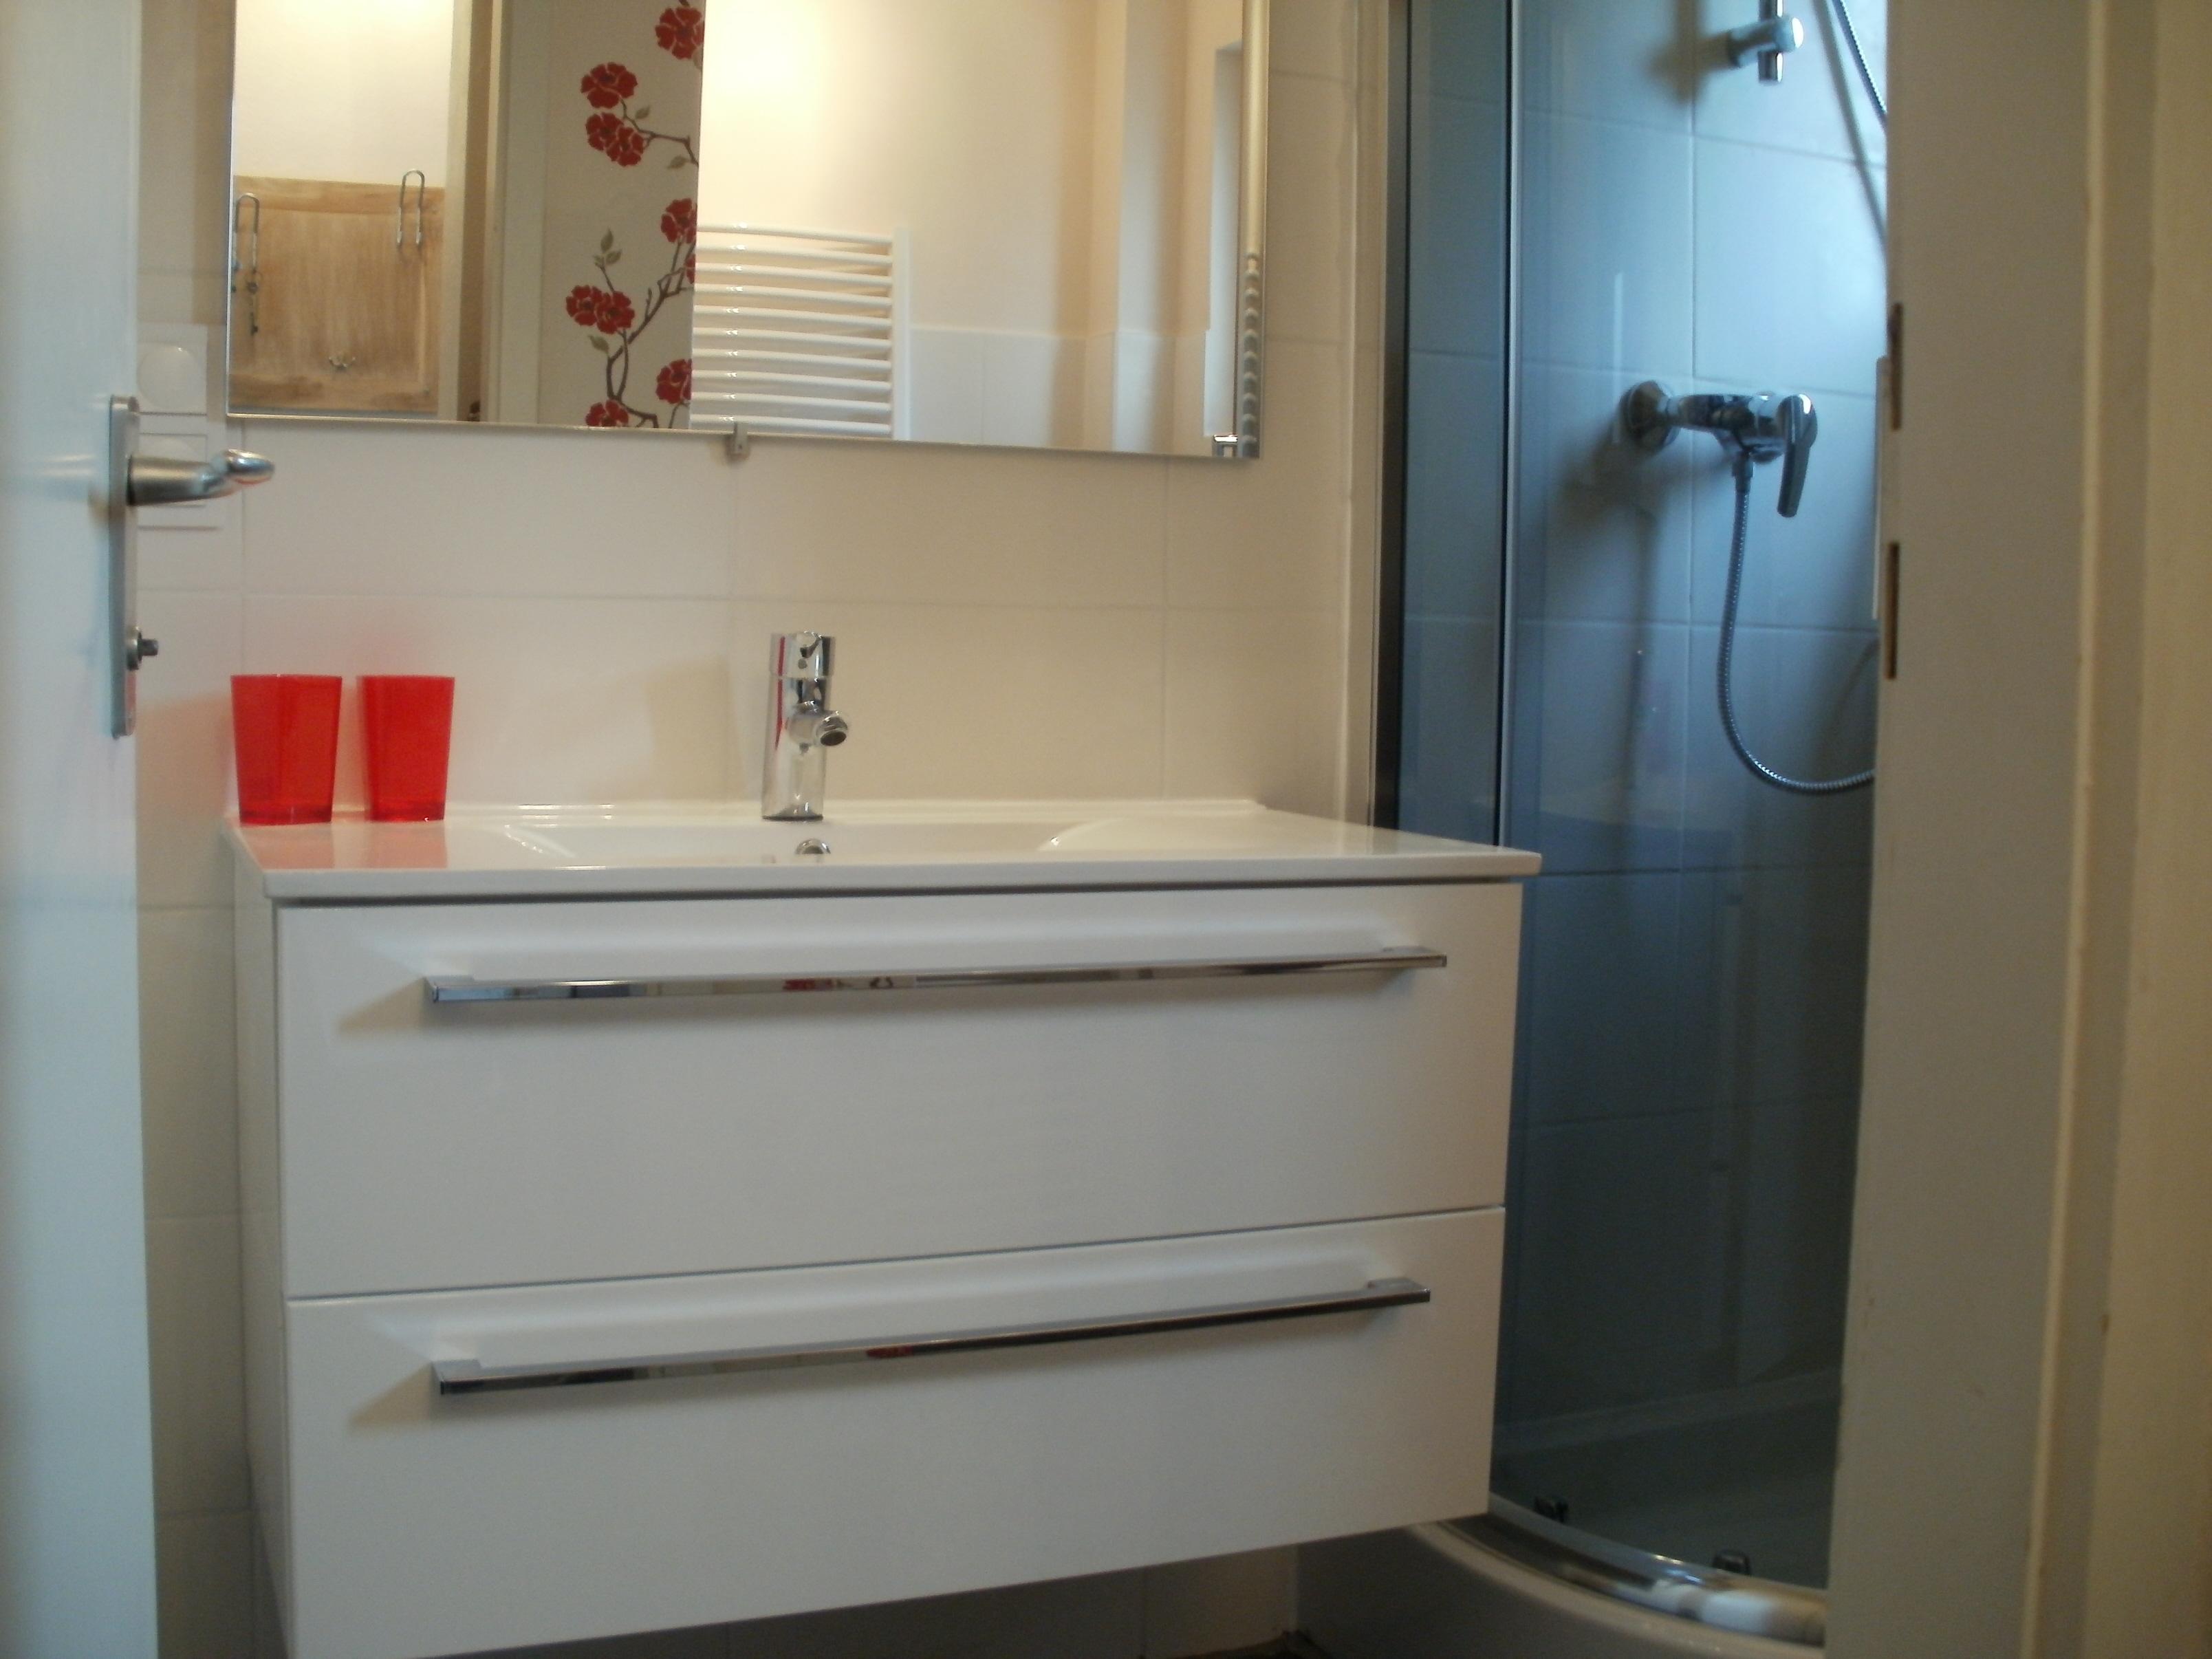 Waschtisch im neuen Bad: